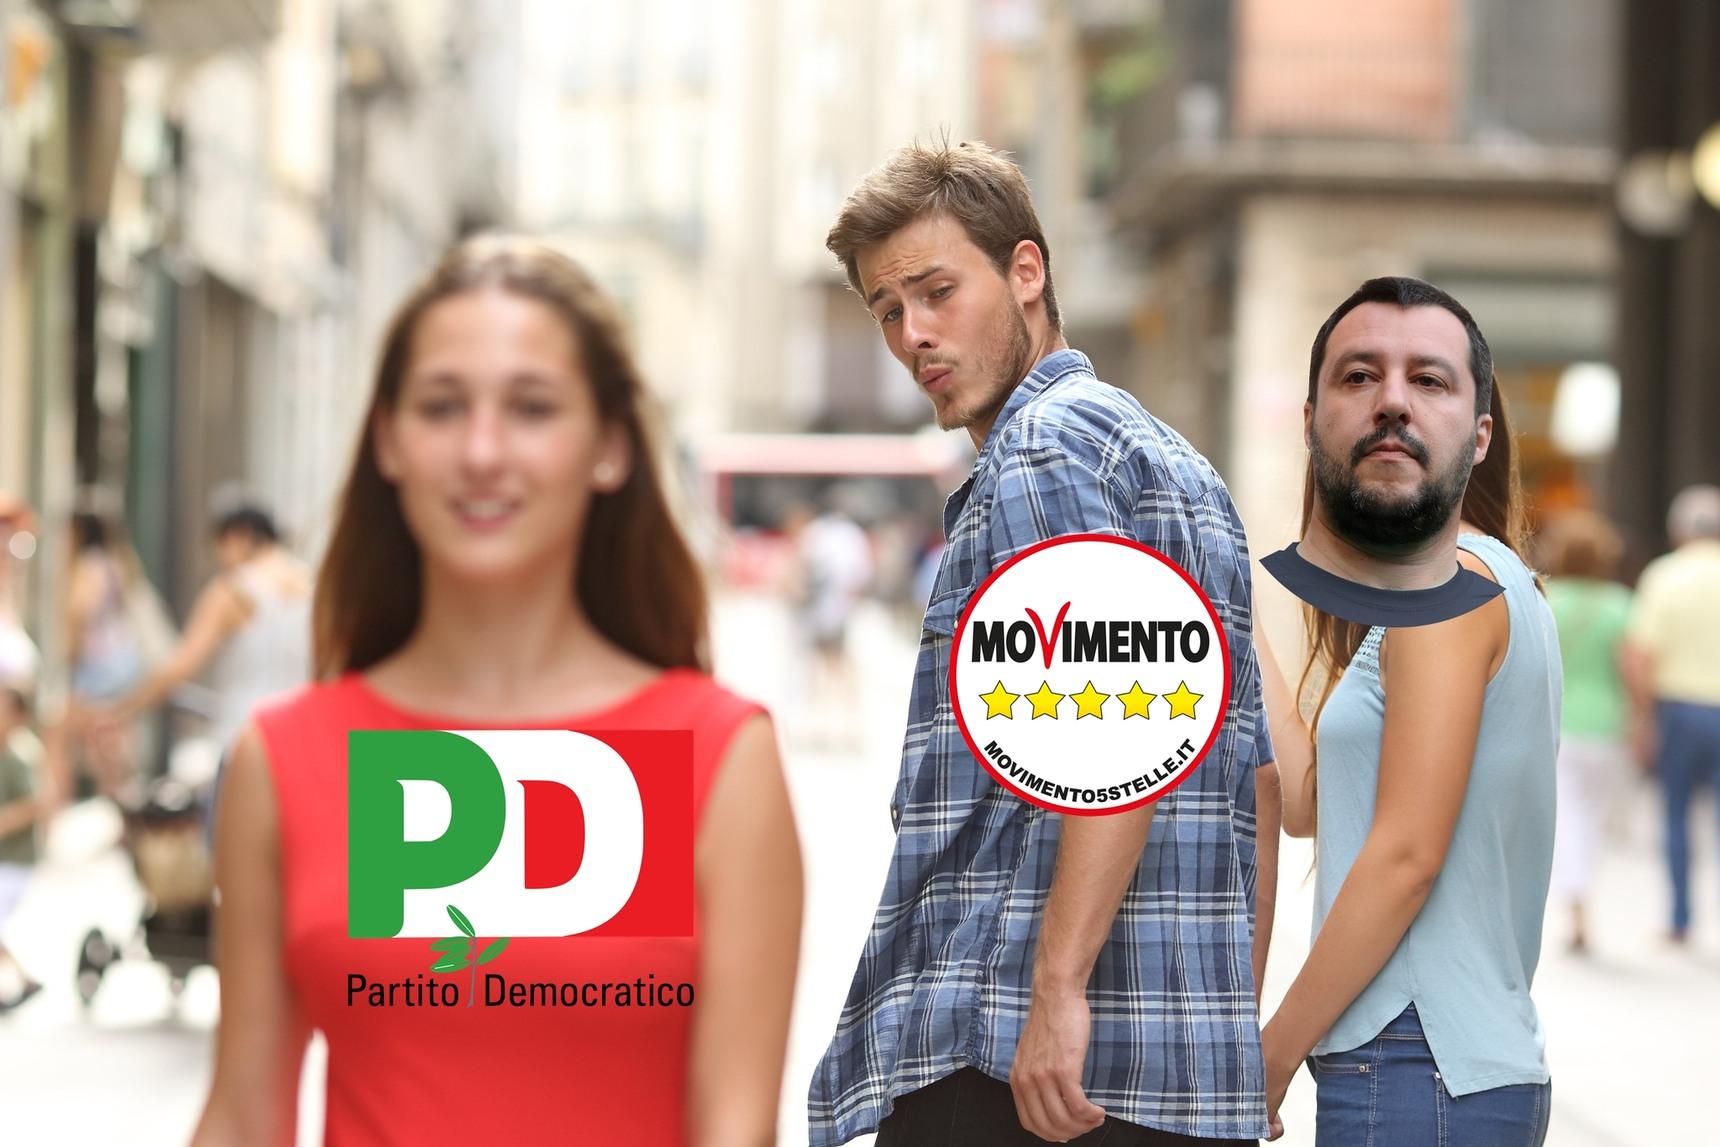 Meme originale